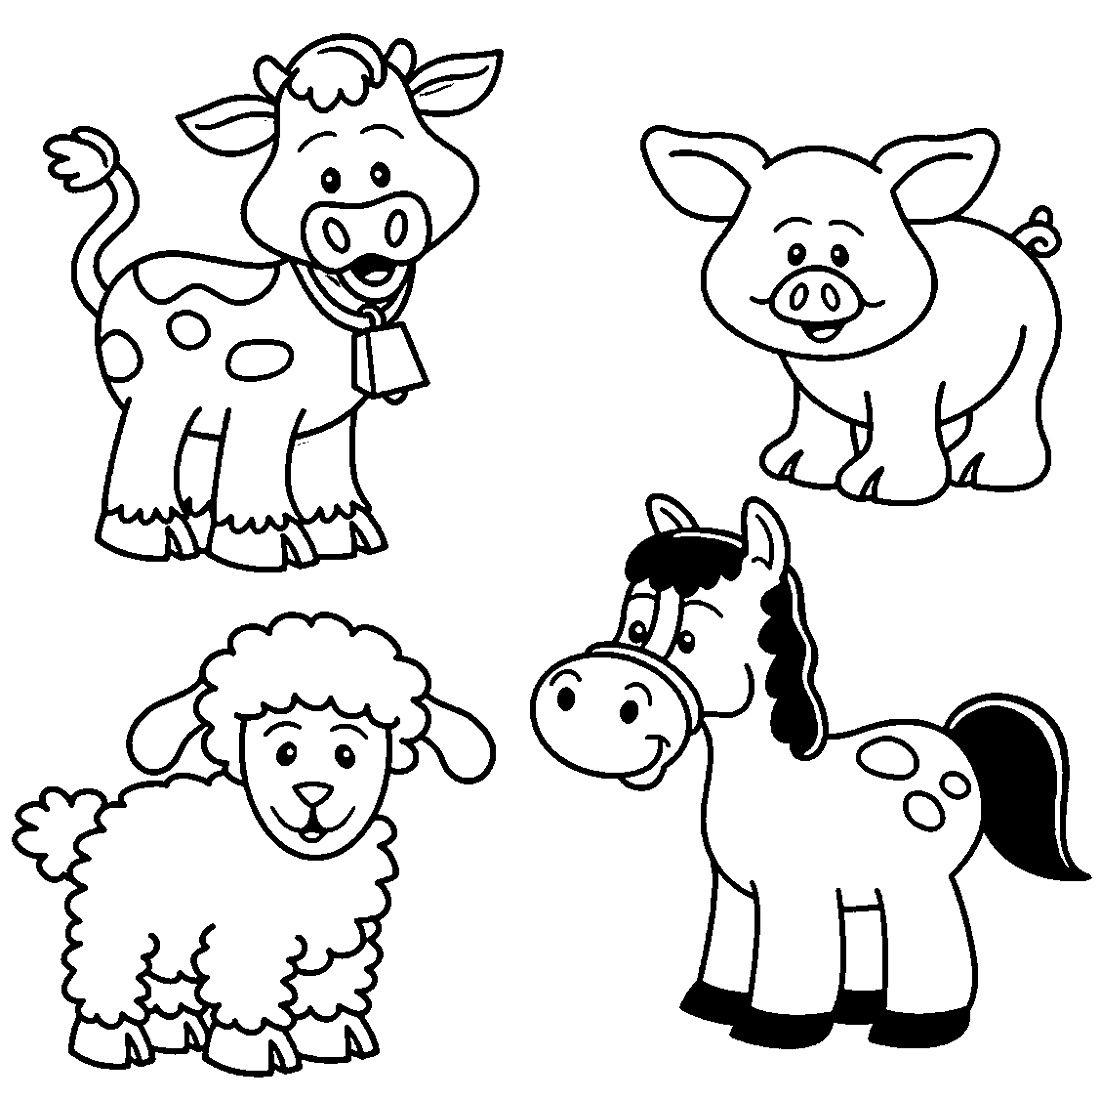 Printable Farm Animal Coloring for Kindergarten | K5 ... | printable coloring pages animals farm